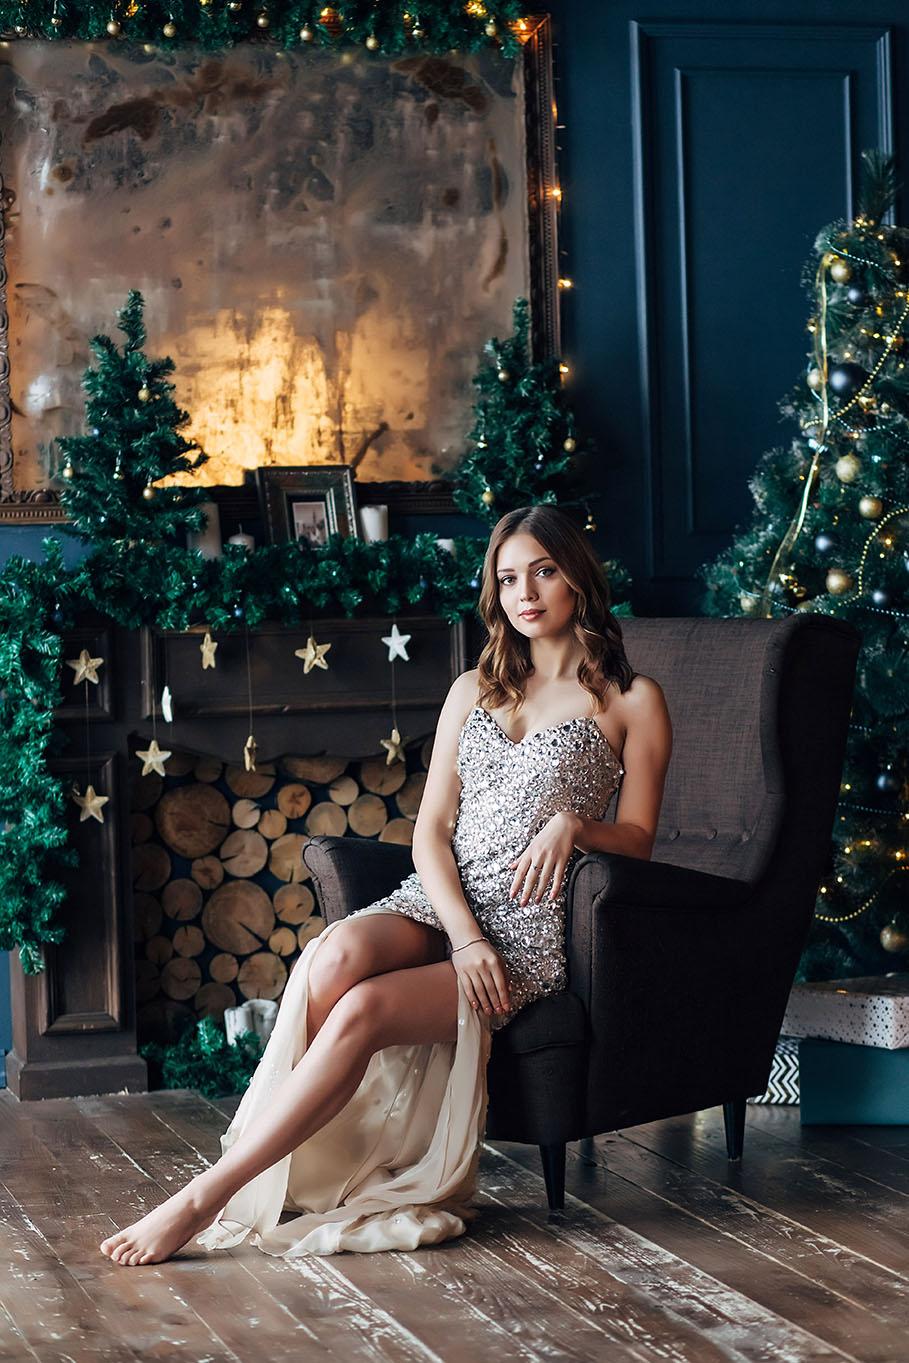 фотосессия девушки в новогодней студии